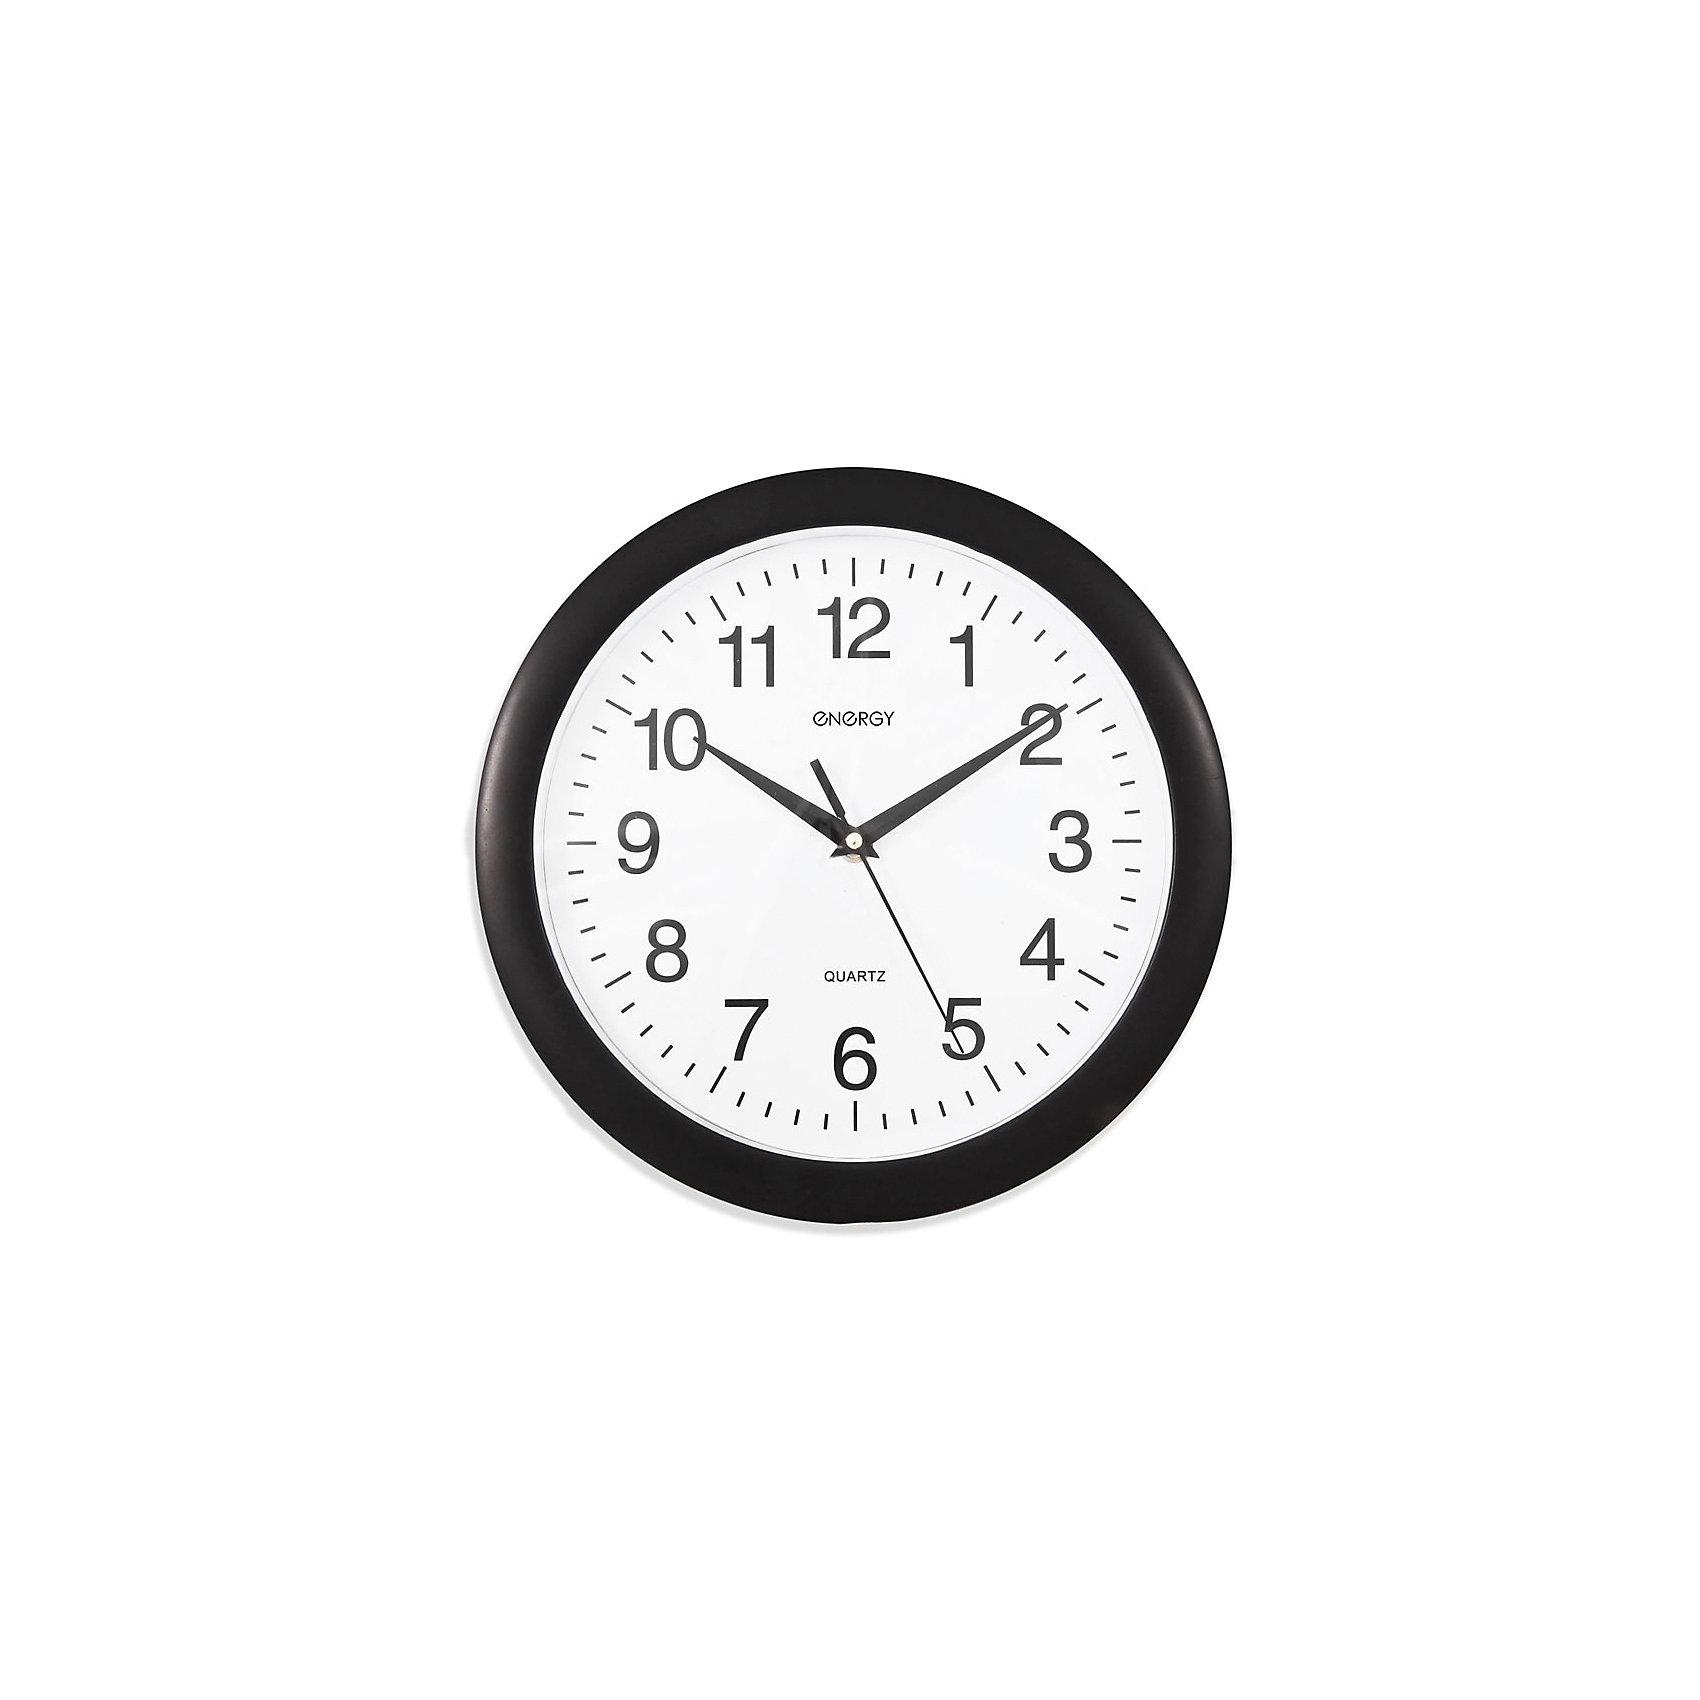 Часы настенные кварцевые ЕС-02, EnergyКонтролировать ход времени и точно знать, который час, вам помогут кварцевые часы Energy. Настенные часы круглой формы с крупными цифрами на циферблате оформлены в черно-белом стиле. Плавный ход часов. <br><br>Дополнительная информация:<br><br>Размер: 28х28 см <br><br>Материал корпуса: пластик<br><br>Напряжение: 1.5В<br><br>Для работы настенных часов требуется приобрести батарейки: 1 шт. типа АА<br><br>Часы настенные кварцевые ЕС-02, Energy можно купить в нашем интернет-магазине.<br><br>Ширина мм: 280<br>Глубина мм: 400<br>Высота мм: 280<br>Вес г: 536<br>Возраст от месяцев: 36<br>Возраст до месяцев: 1080<br>Пол: Унисекс<br>Возраст: Детский<br>SKU: 4989890